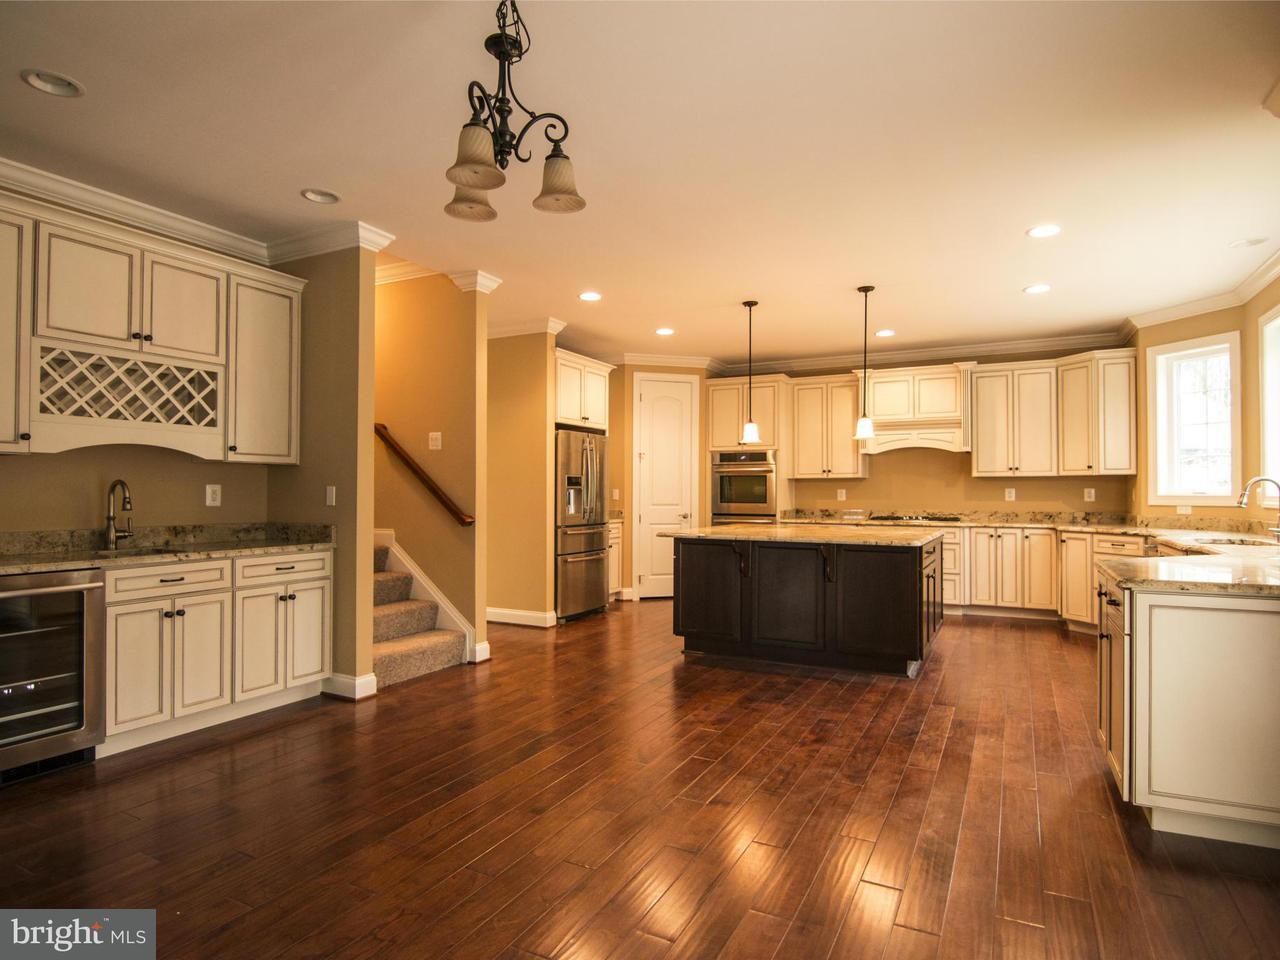 Casa Unifamiliar por un Venta en 1336R ROCK RIDGE Road 1336R ROCK RIDGE Road Jarrettsville, Maryland 21084 Estados Unidos